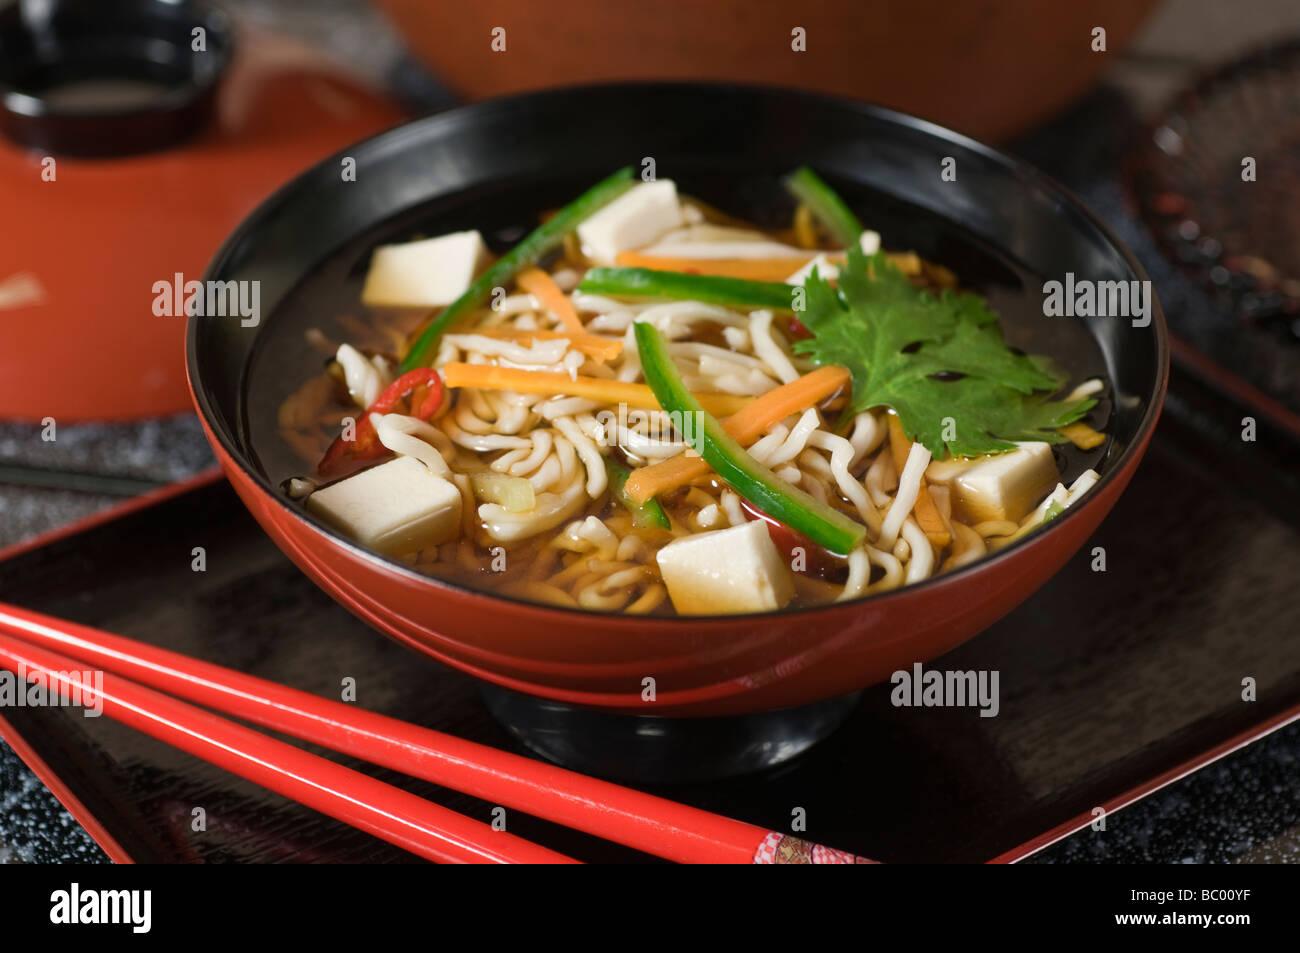 La soupe miso et les nouilles Japan Food Photo Stock